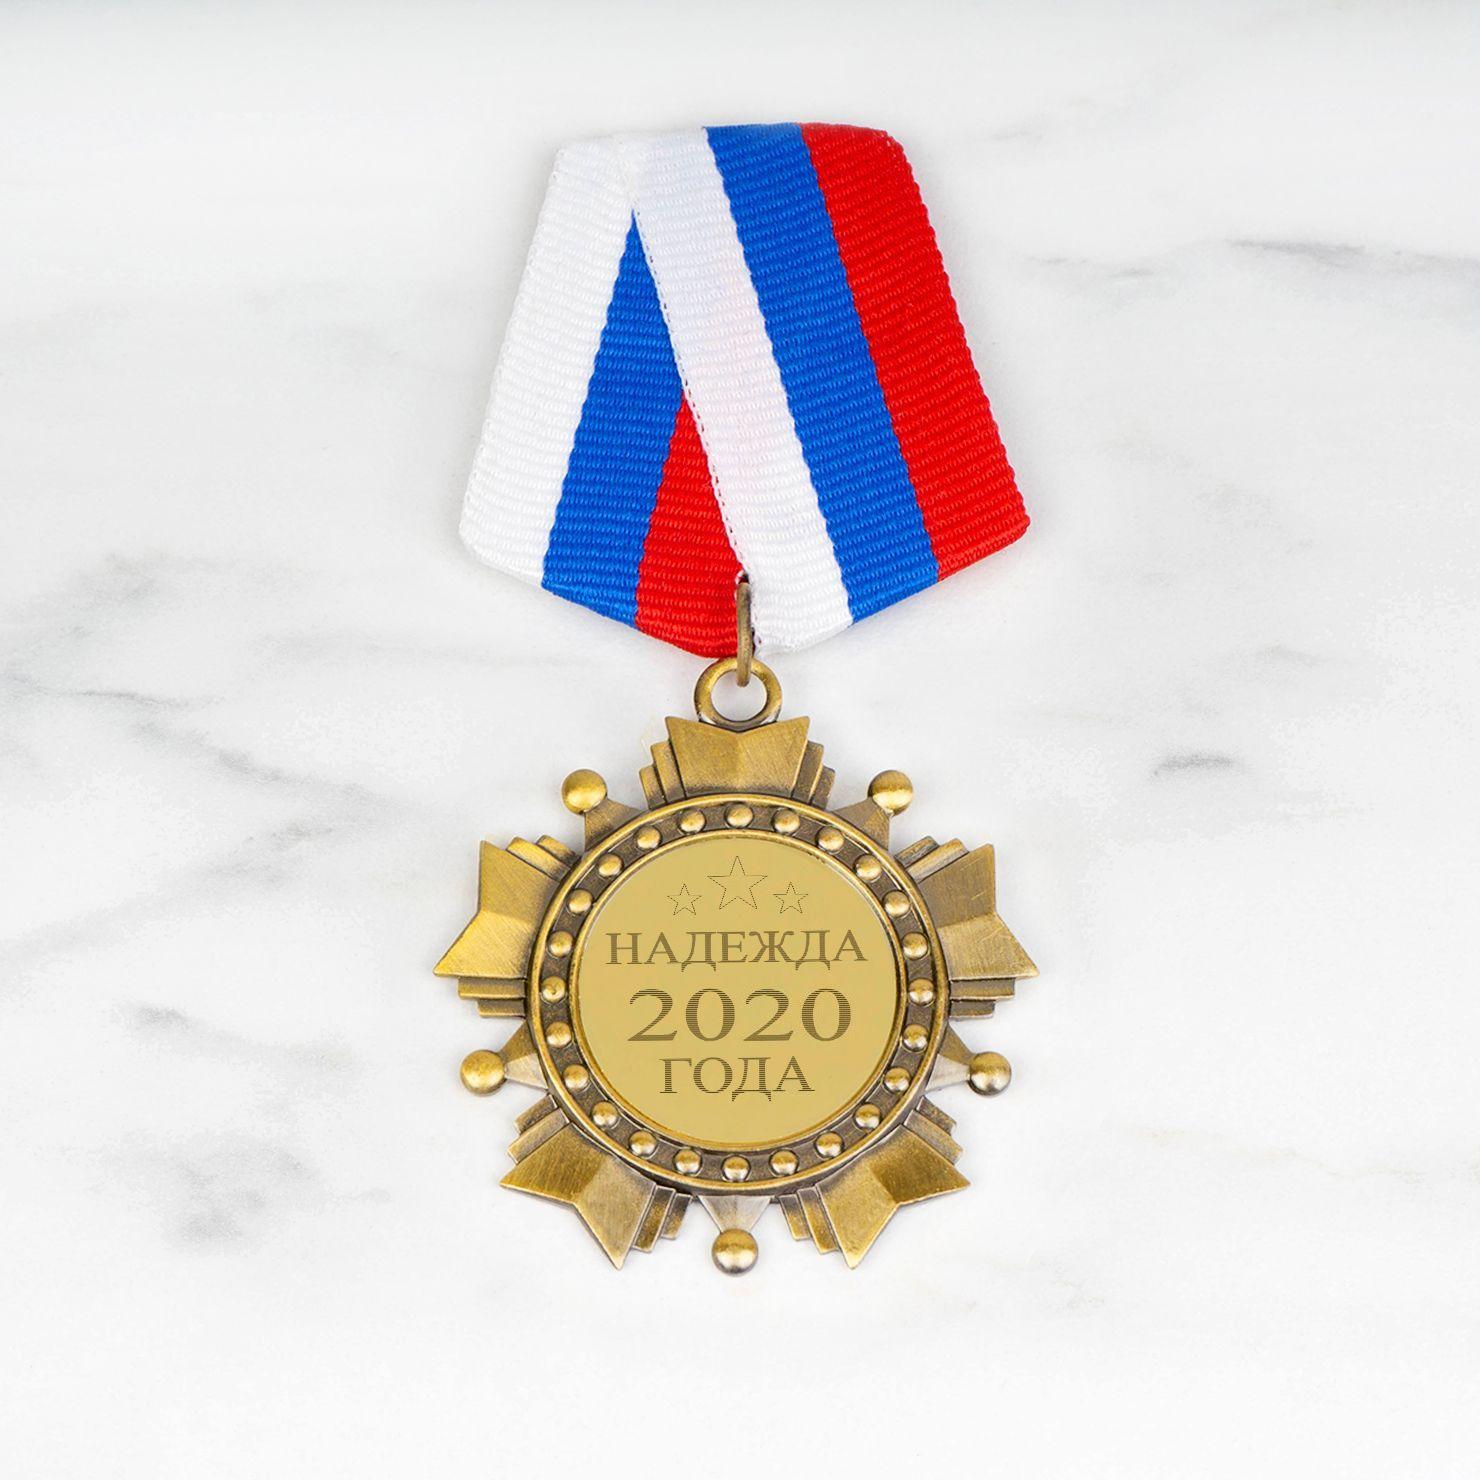 Орден *Надежда 2020 года*